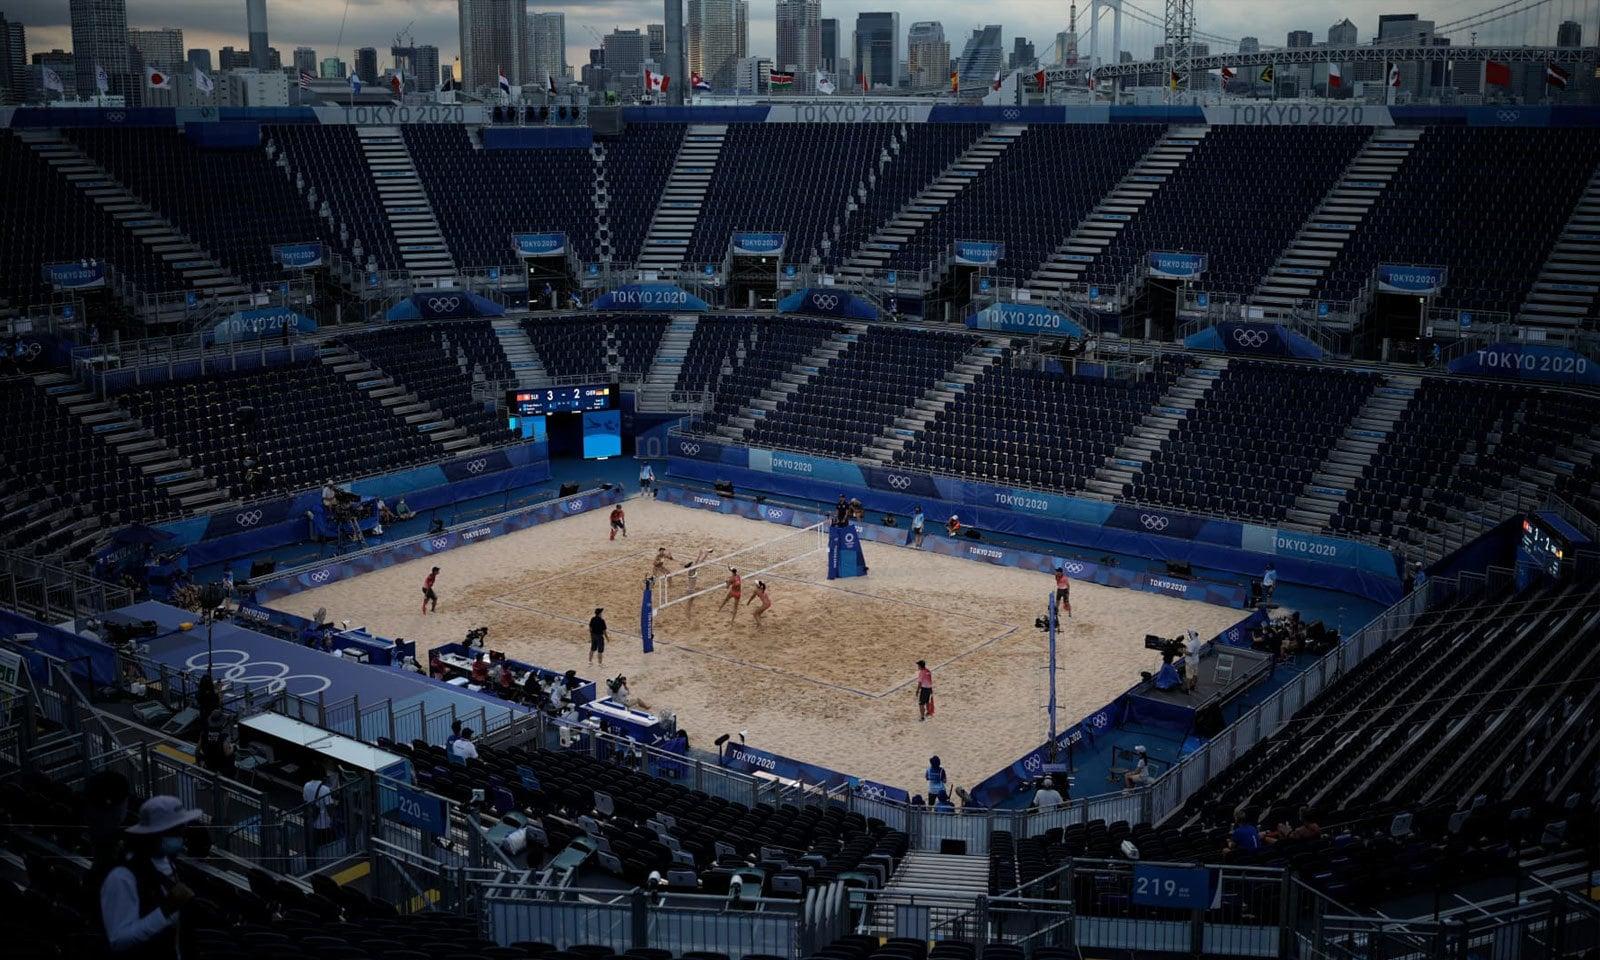 میدان کی خالی کرسیاں نشان دہی کر رہی ہیں کہ کورونا وائرس کی وجہ سے اولمپکس متاثر ہوا ہے— فوٹو: اے پی